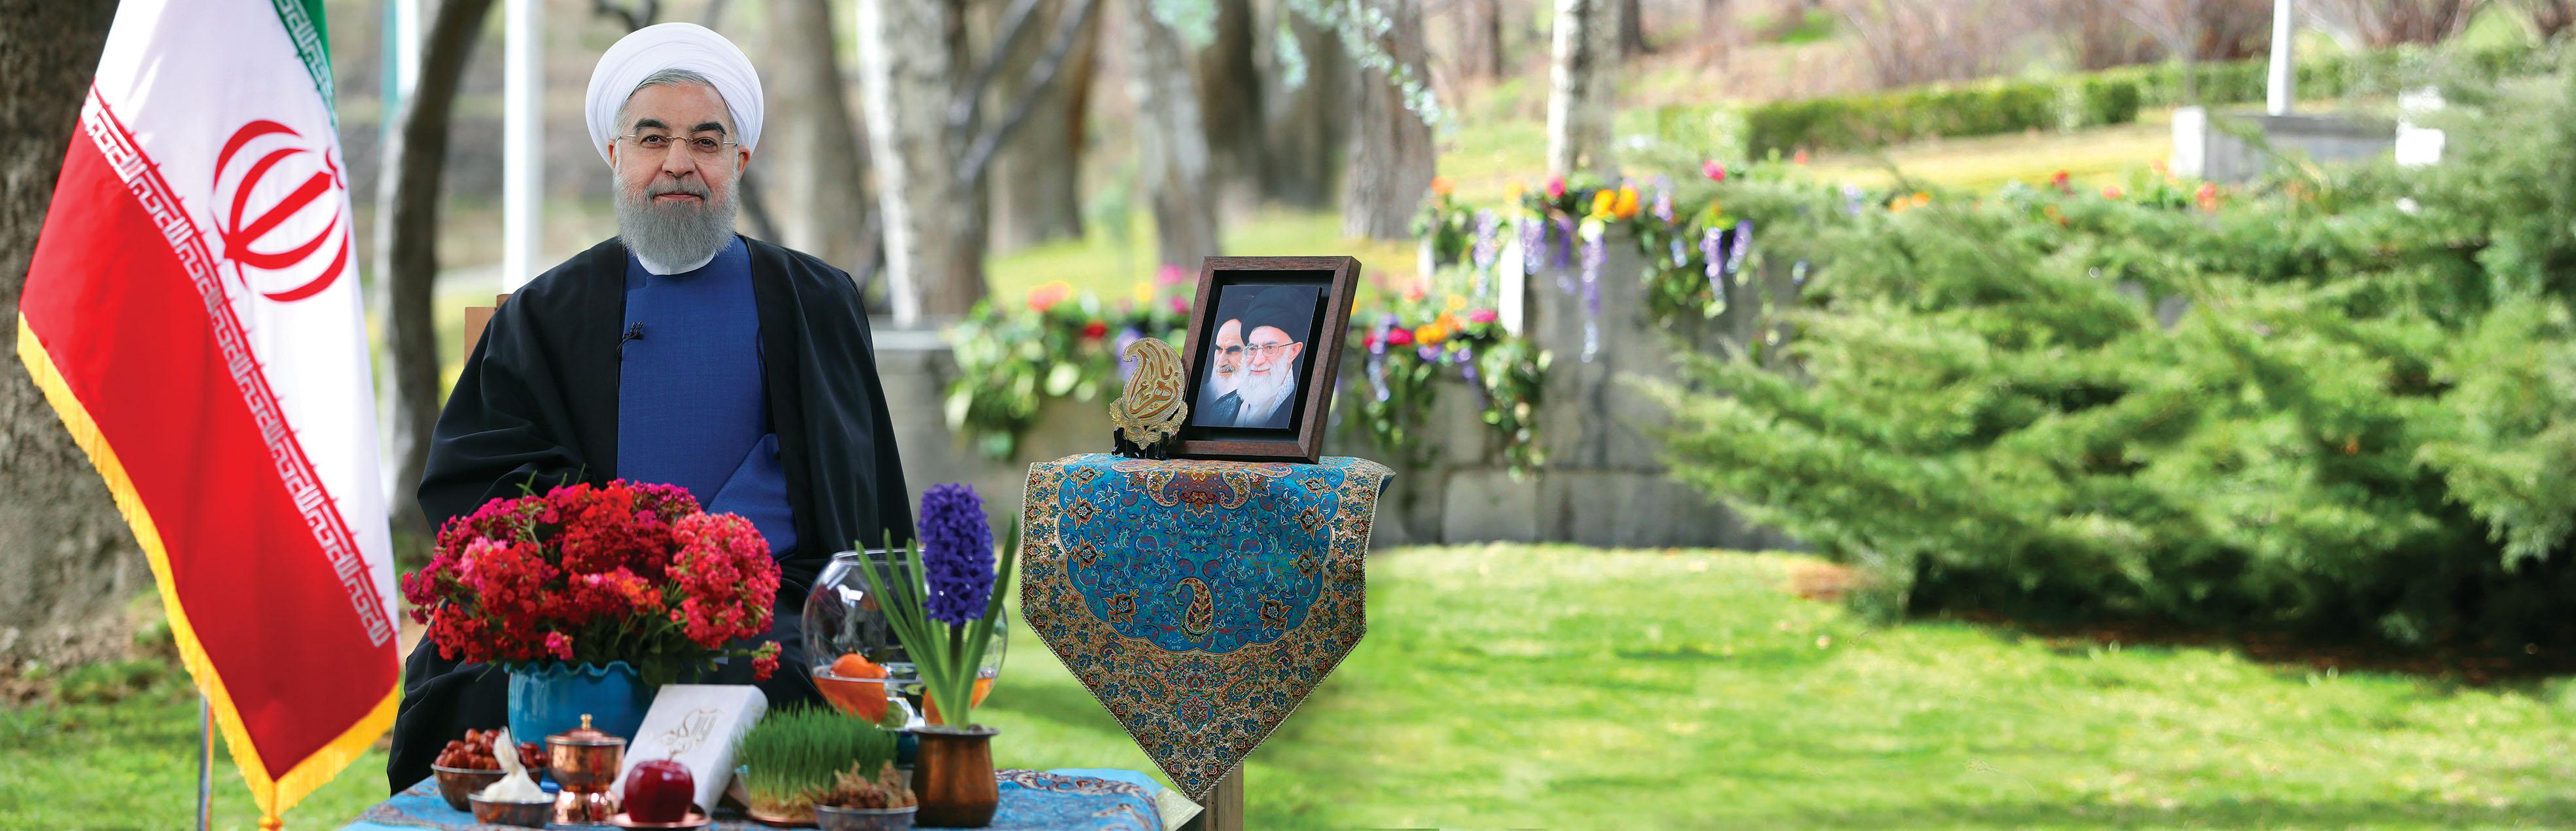 پیام نوروزی دکتر حسن روحانی ریاست محترم جمهوری اسلامی ایران